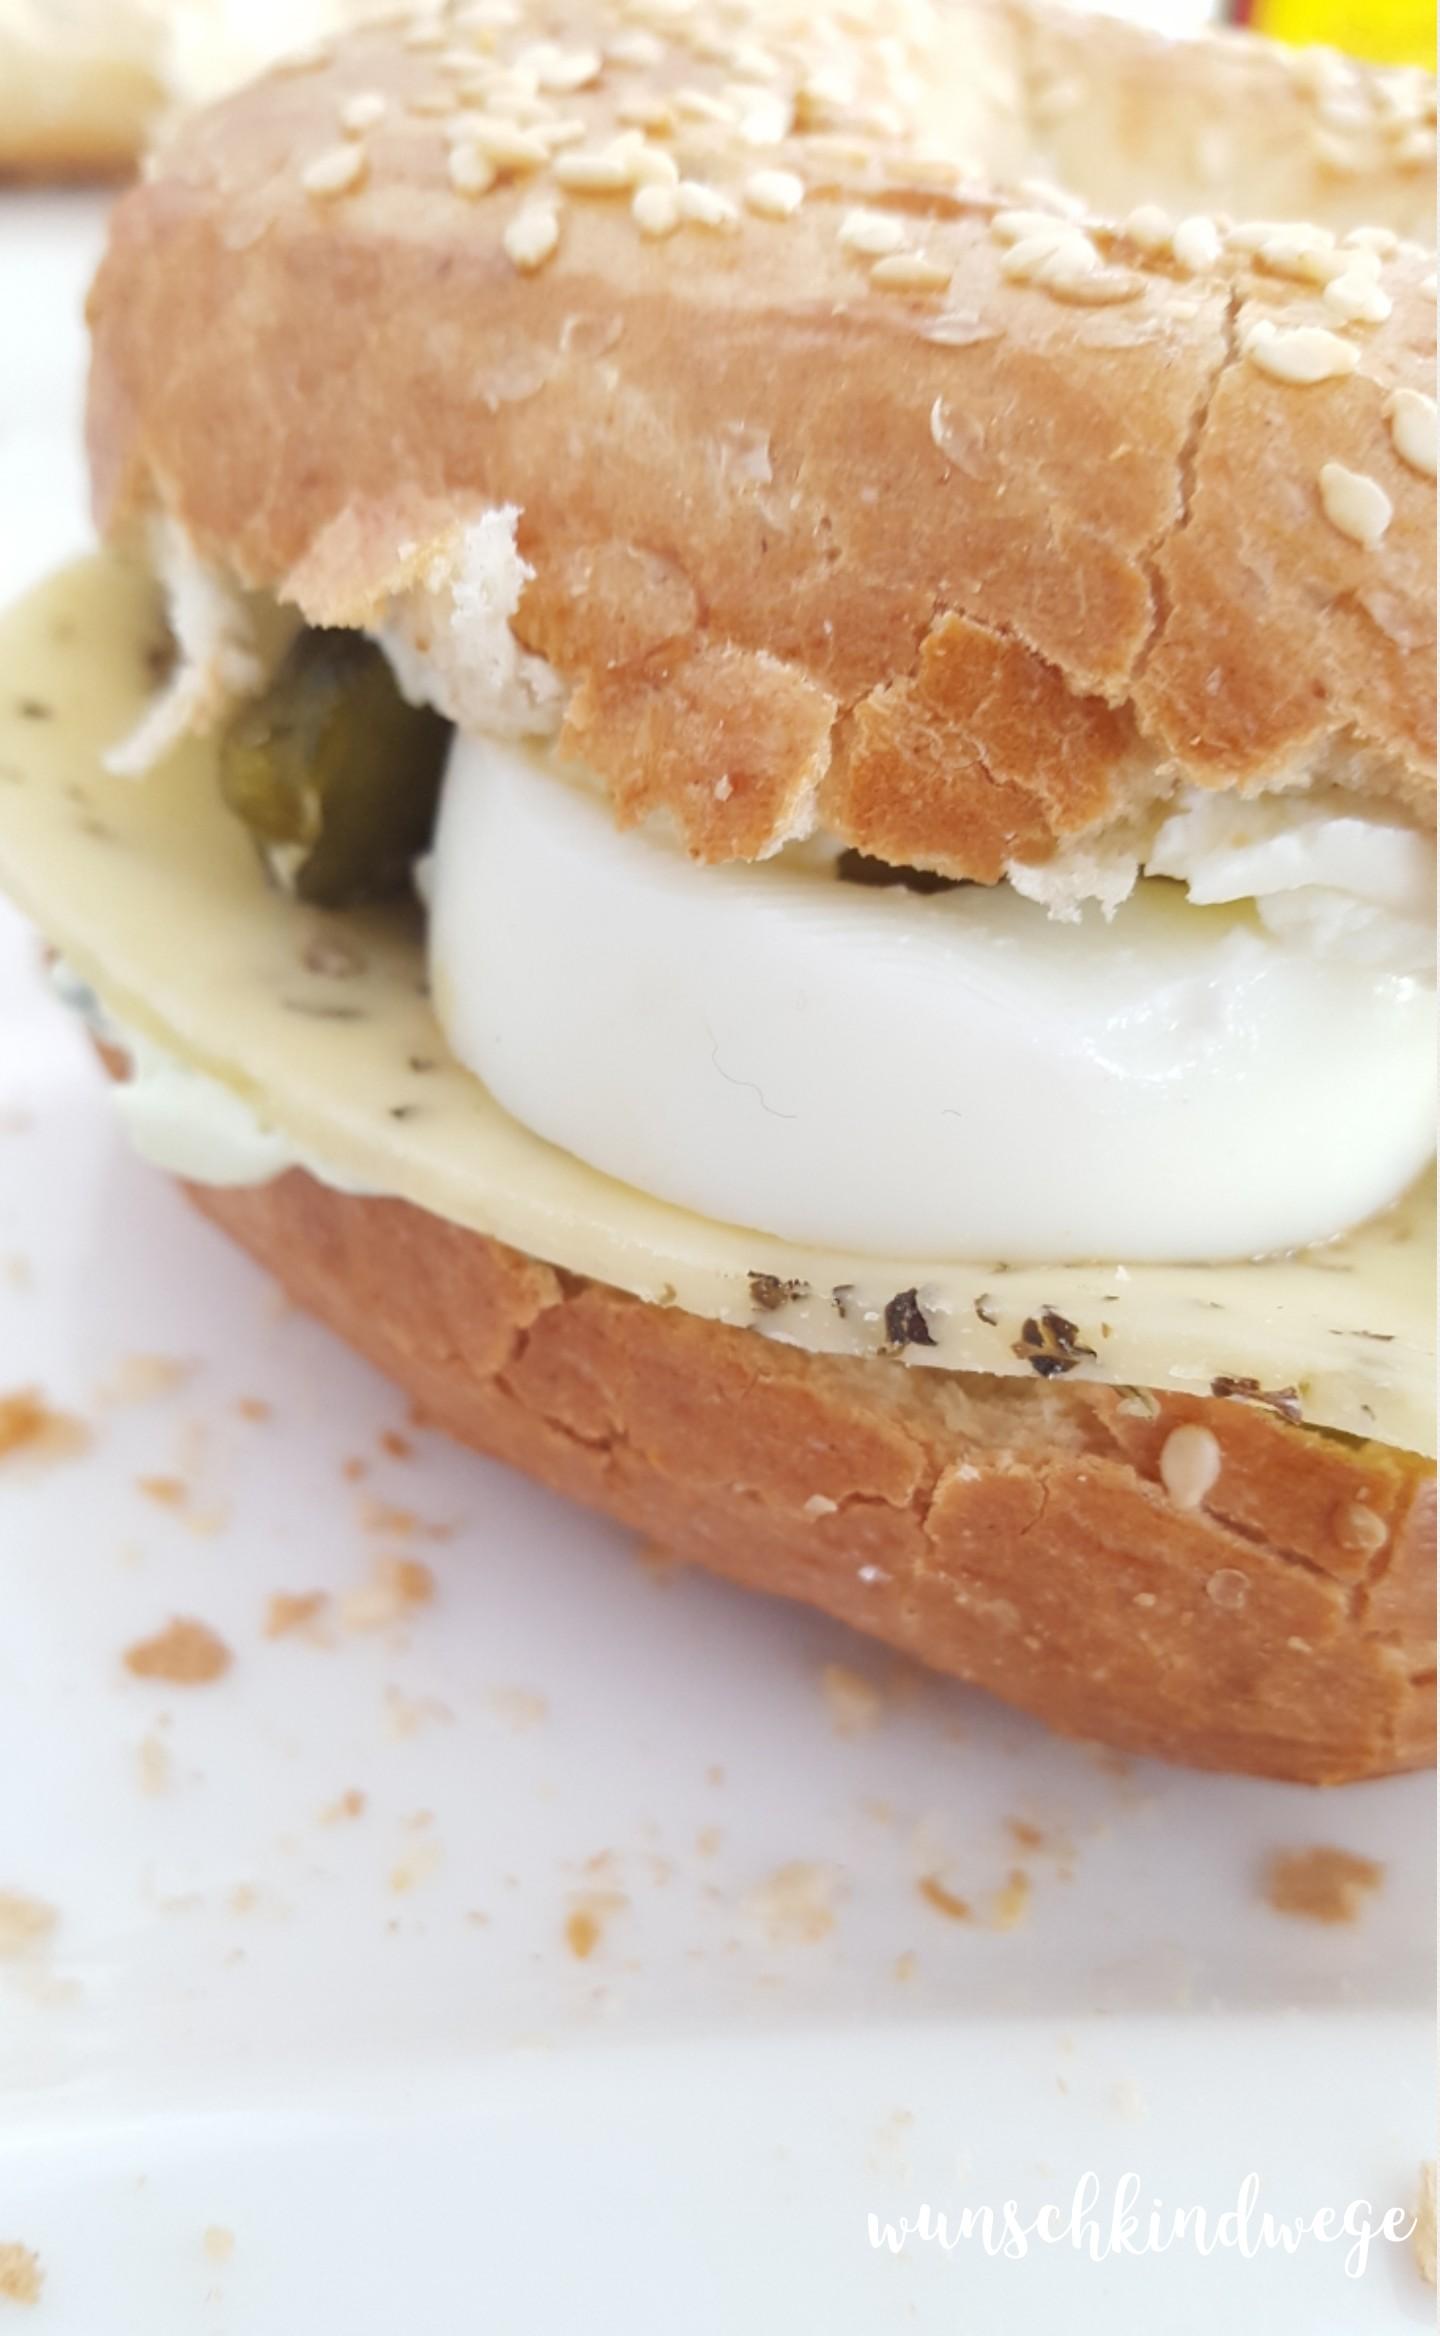 Osterwochenende in Bildern: Frühstücksbagel